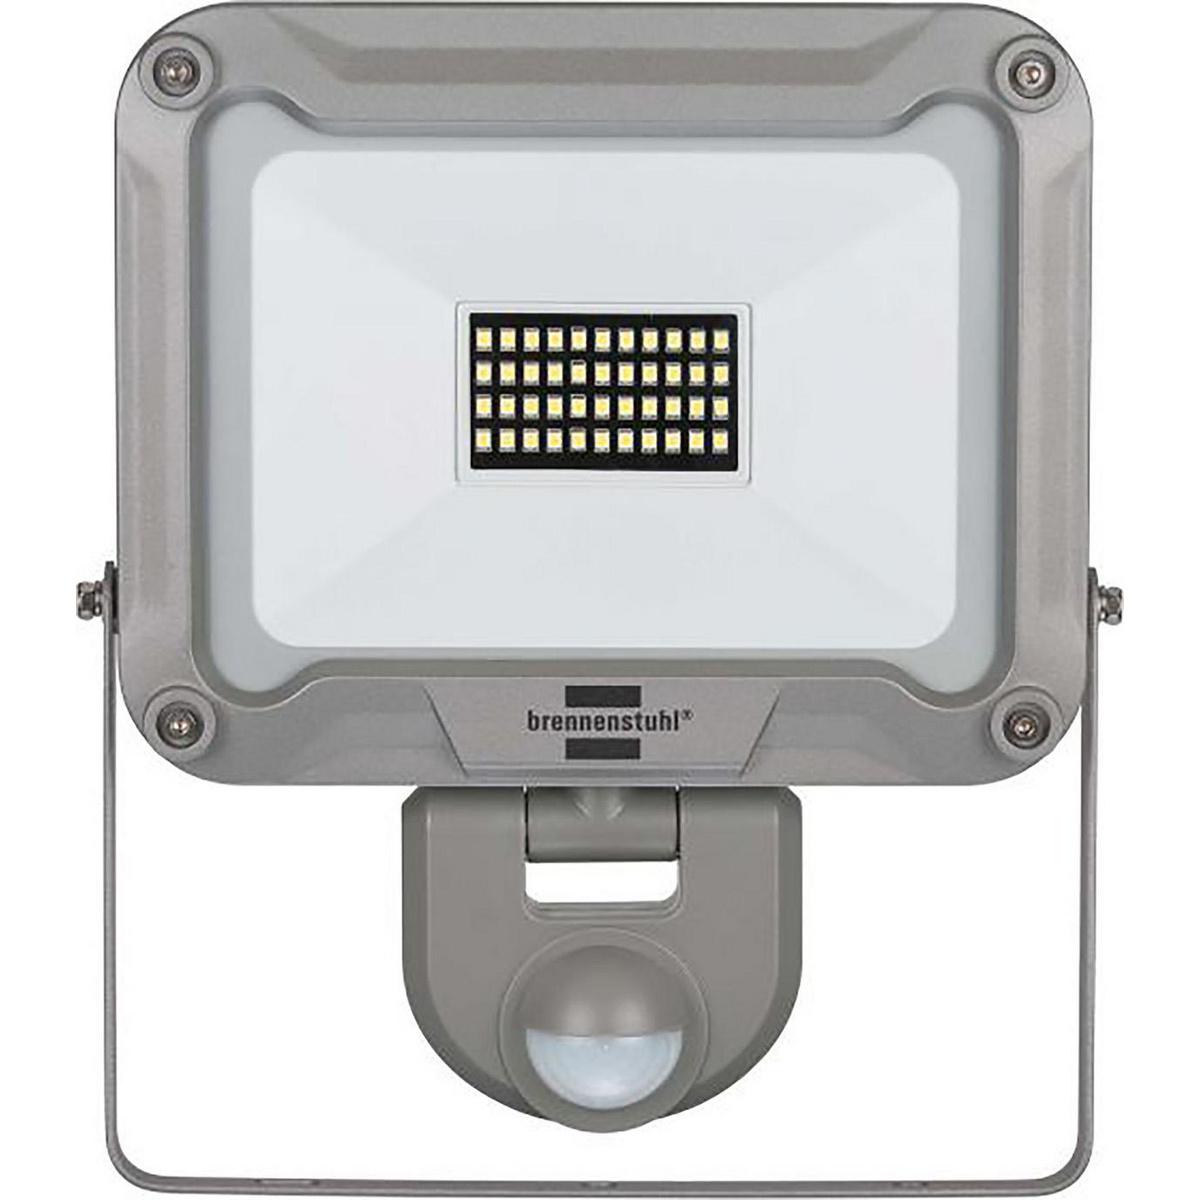 Adequado para instalação interna e externa, IP 44. Poderosa lâmpada 50 WLED com chip para montagem na parede, com distribuição de luz extra larga para iluminar uma superfície grande. Ideal para amadores, oficinas e canteiros de obras. Iluminação automátic